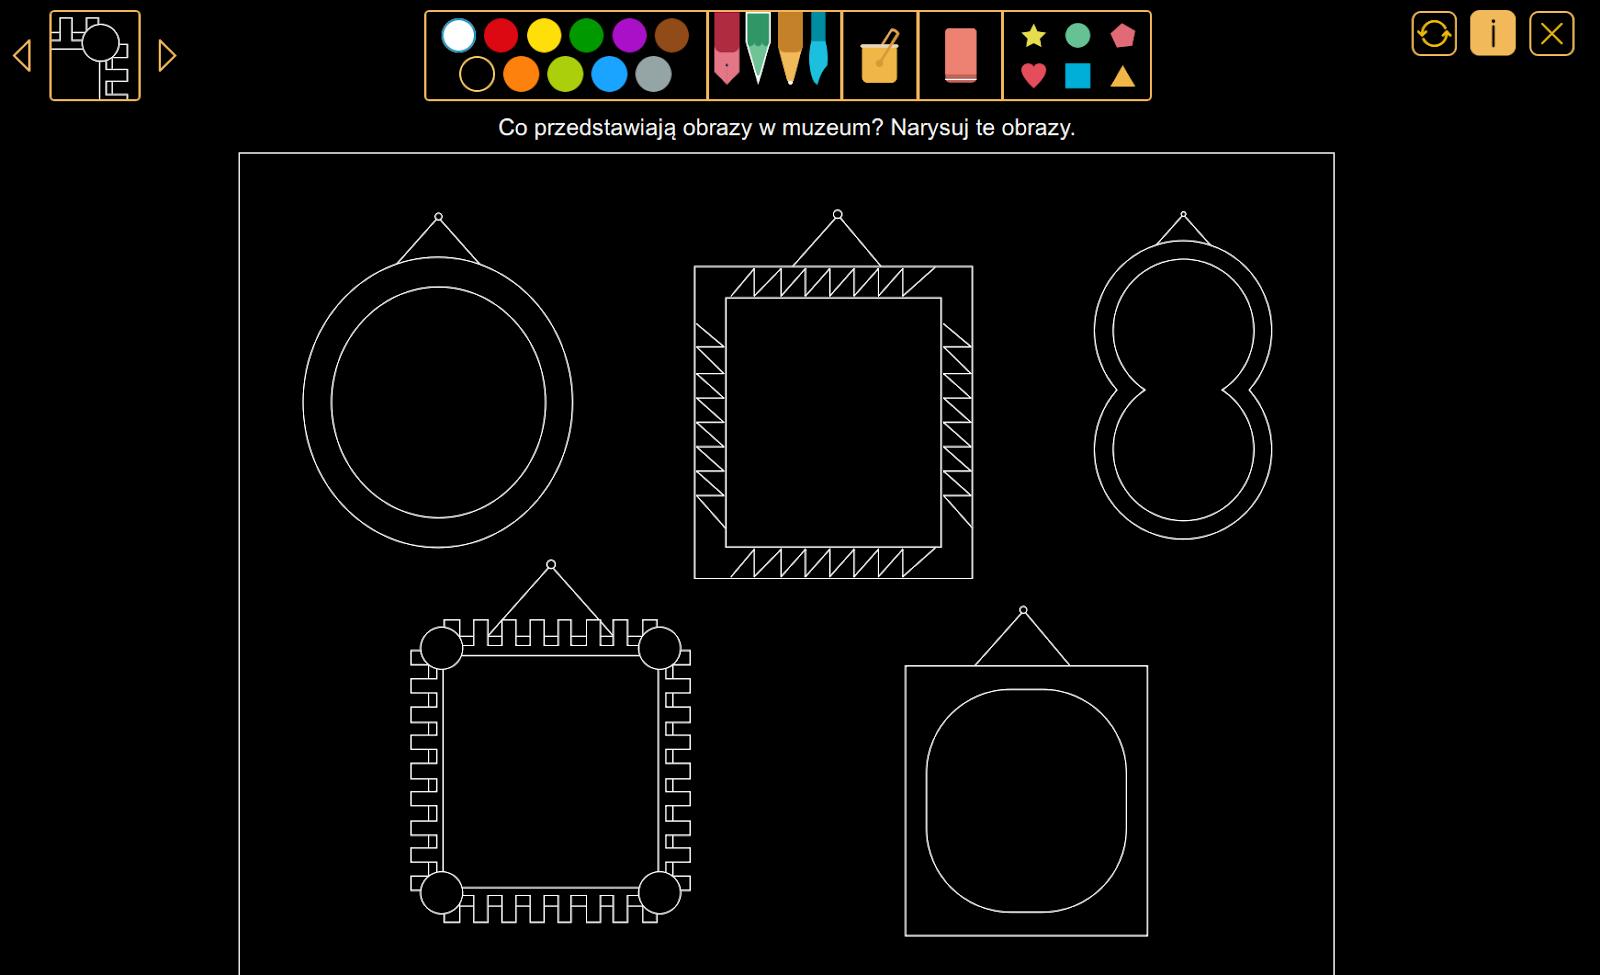 Wyobraź sobie - Co przedstawiają obrazy w muzeum? z pakietu W krainie kolorów.